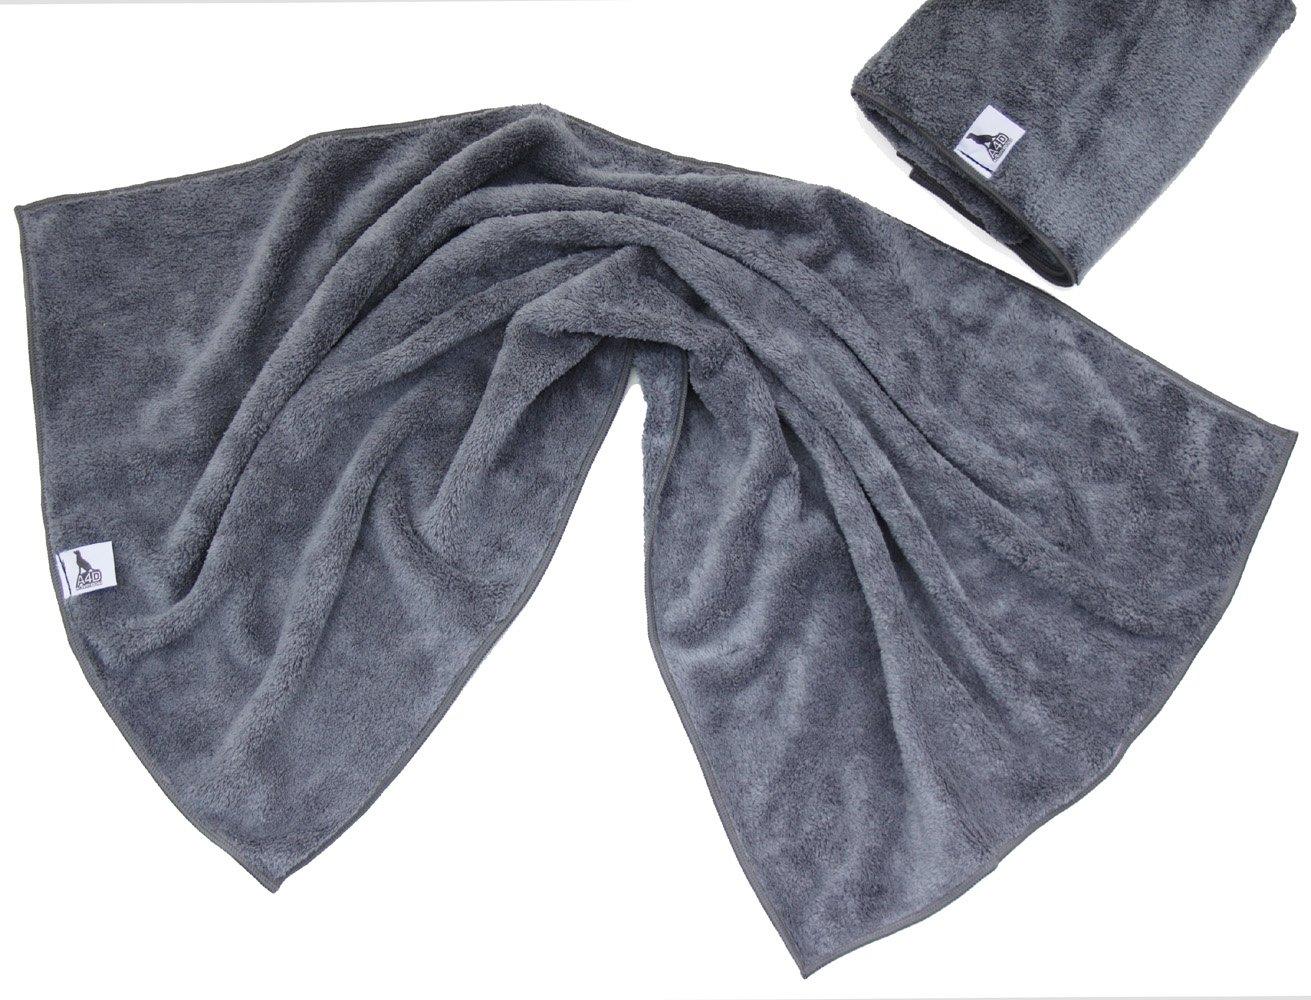 2er Set Hunde-Handtuch aus Microfaser sehr flauschig und super saugfähig schnelltrocknend bedeplus GmbH